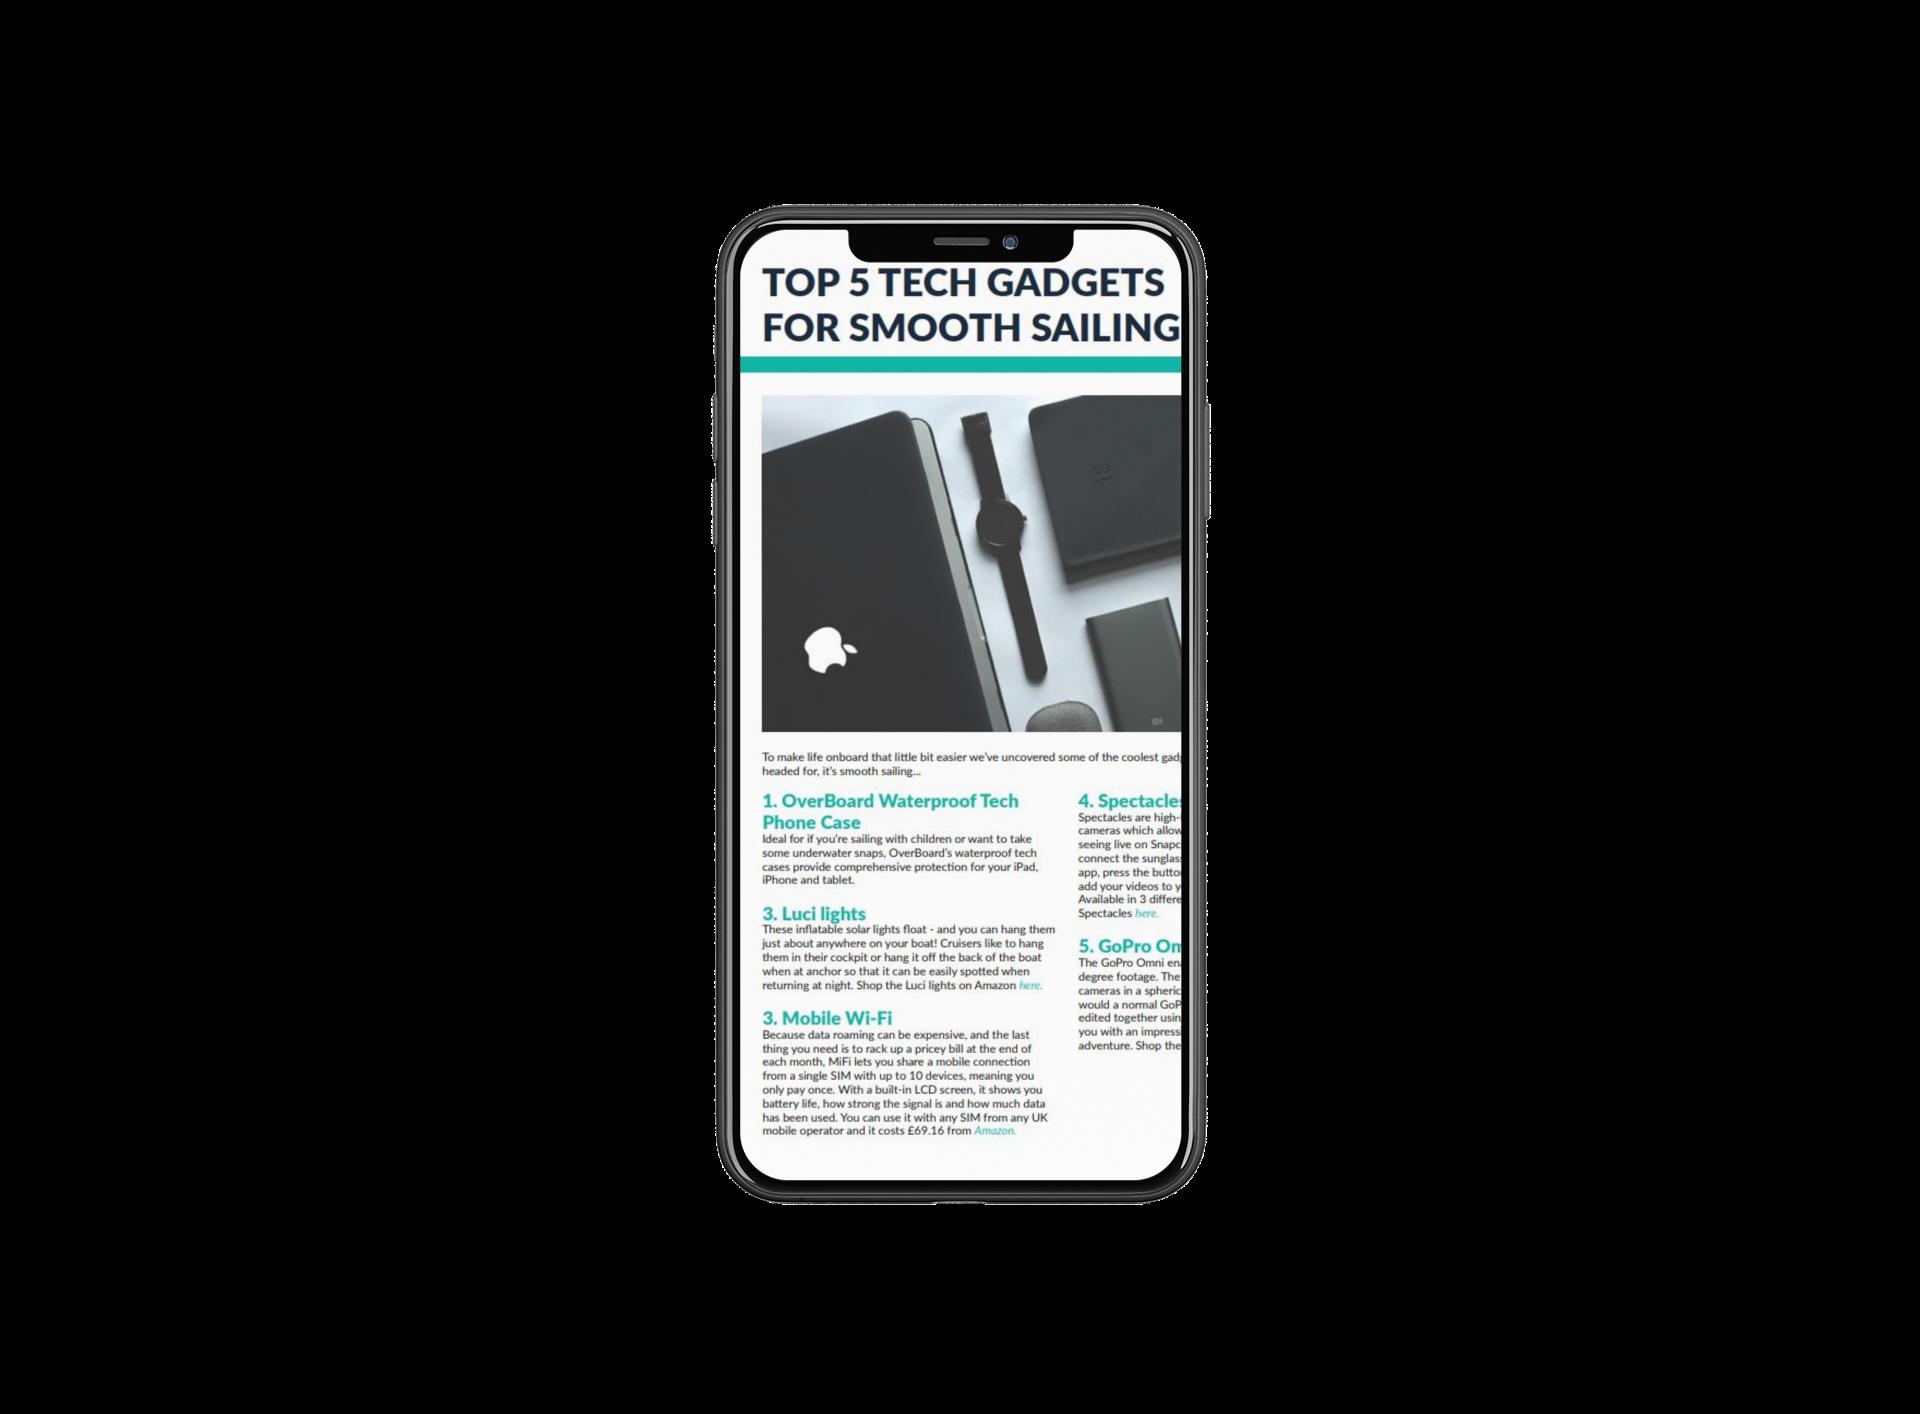 iphone-xs-max-mockup-featuring-a-color-custom-backdrop-244-el